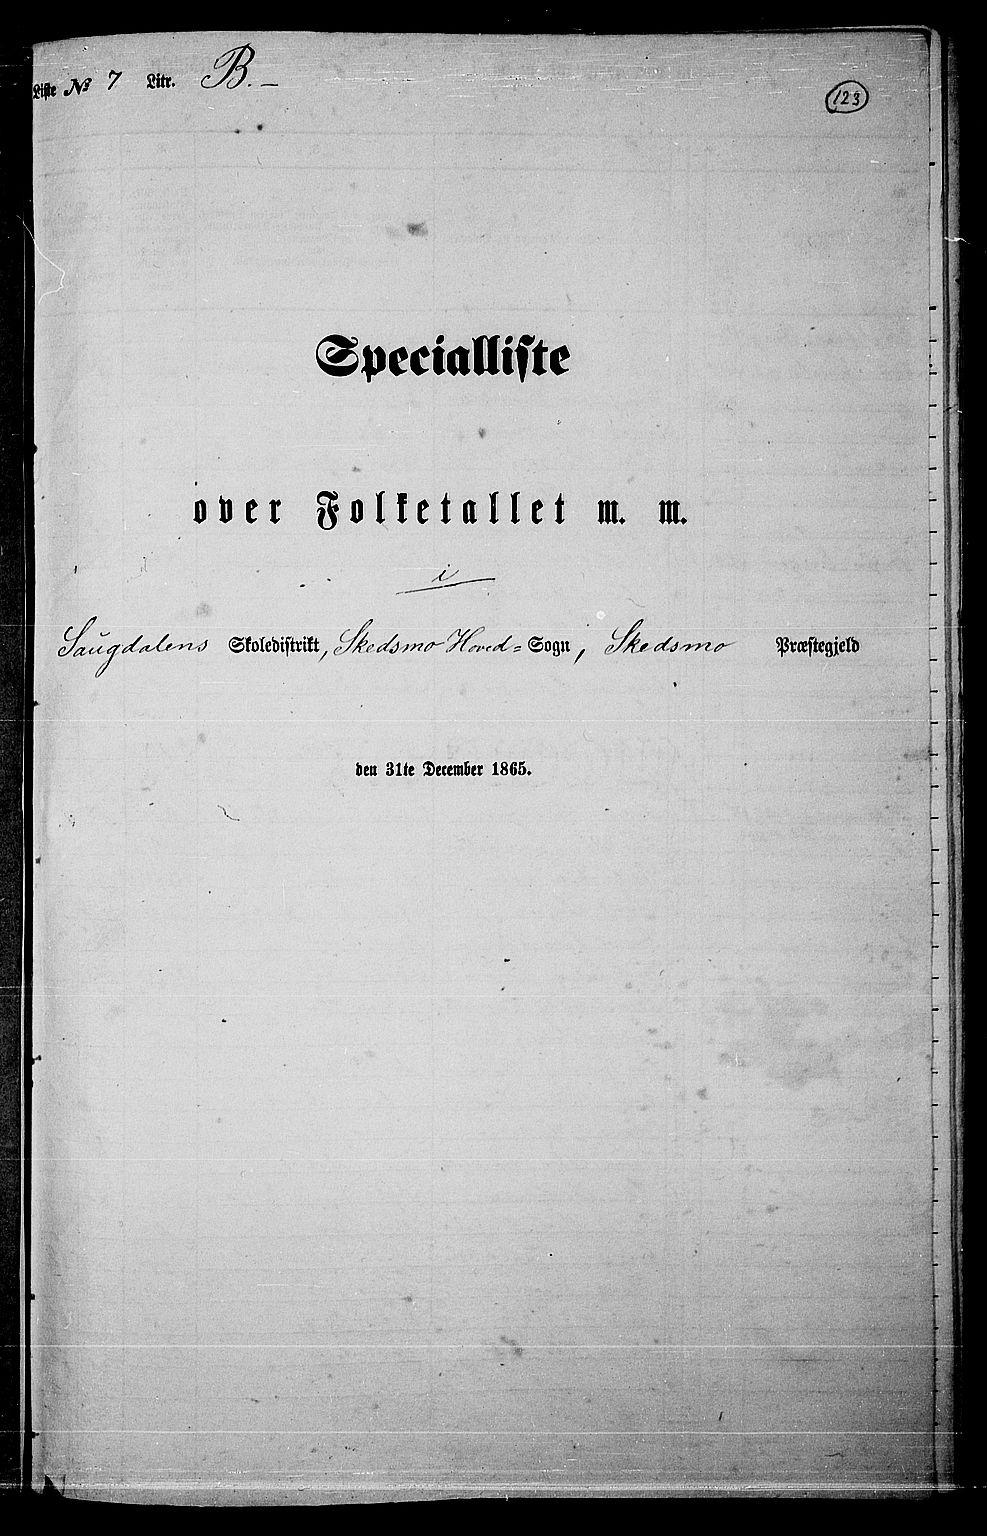 RA, Folketelling 1865 for 0231P Skedsmo prestegjeld, 1865, s. 111